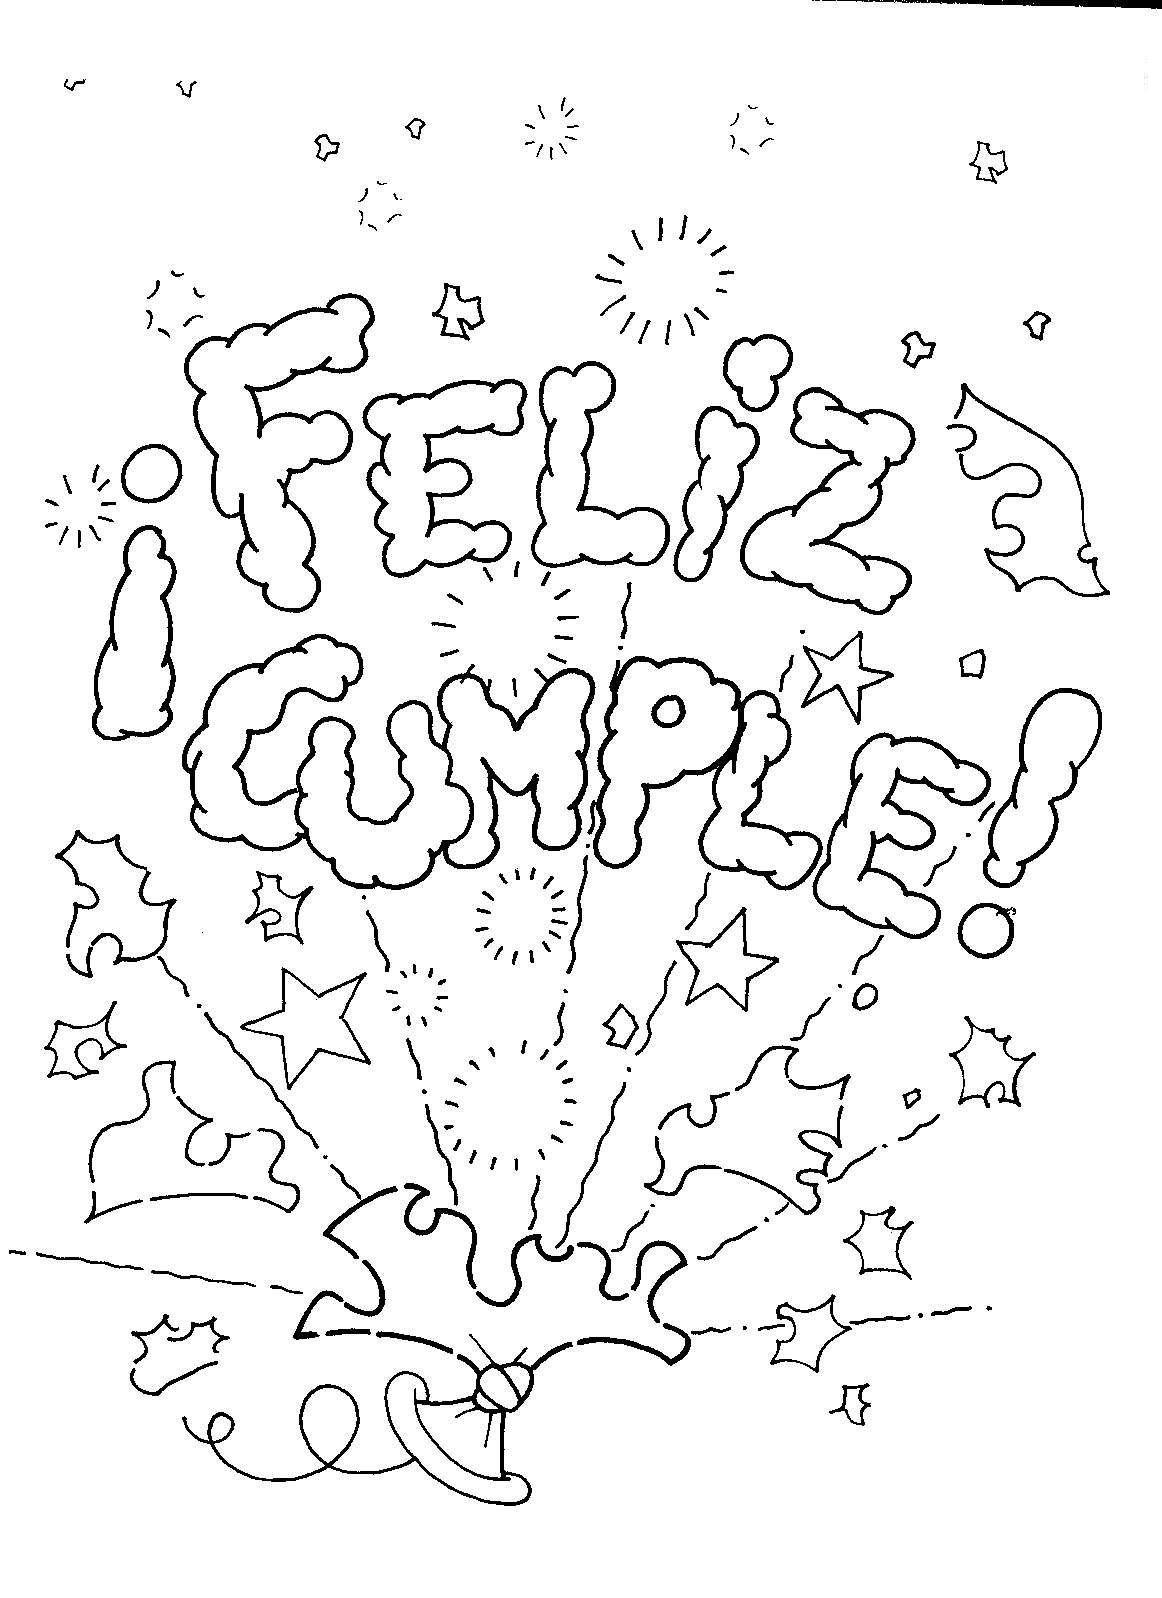 Feliz cumpleaños letras para colorear - Imagui